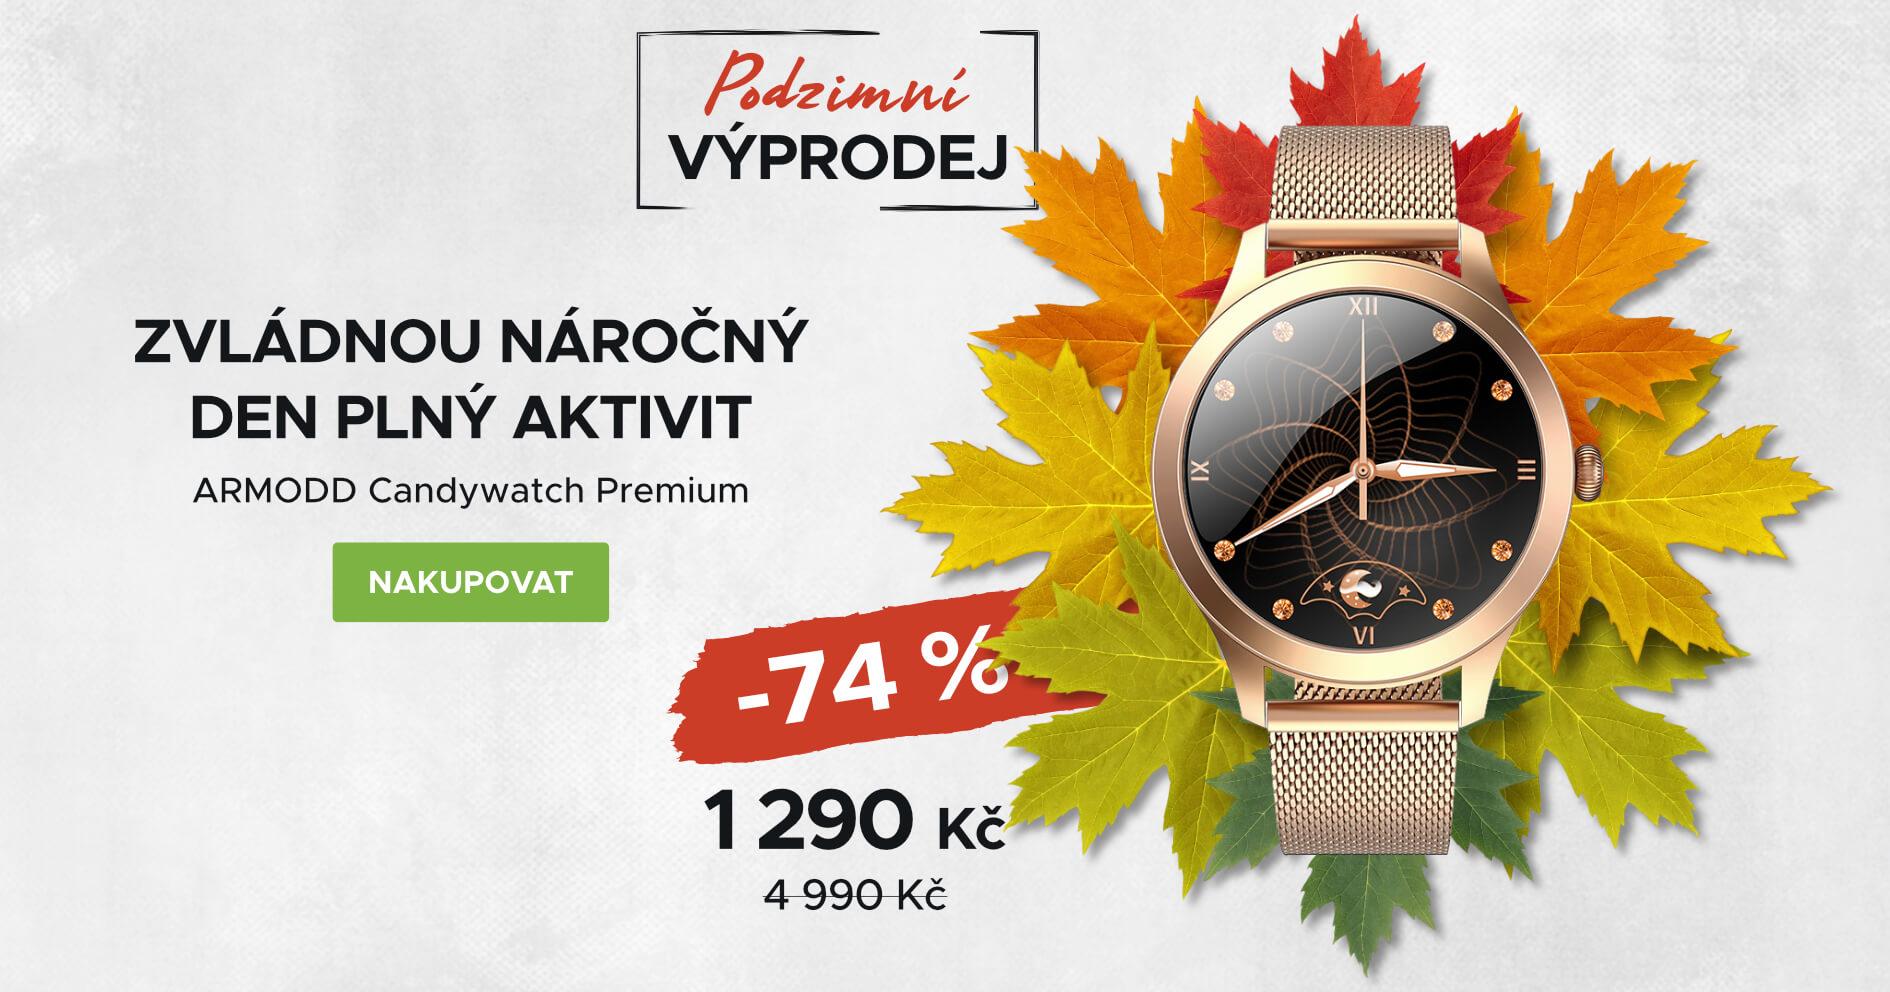 Podzimní výprodej: ARMODD Candywatch Premium (desktop)